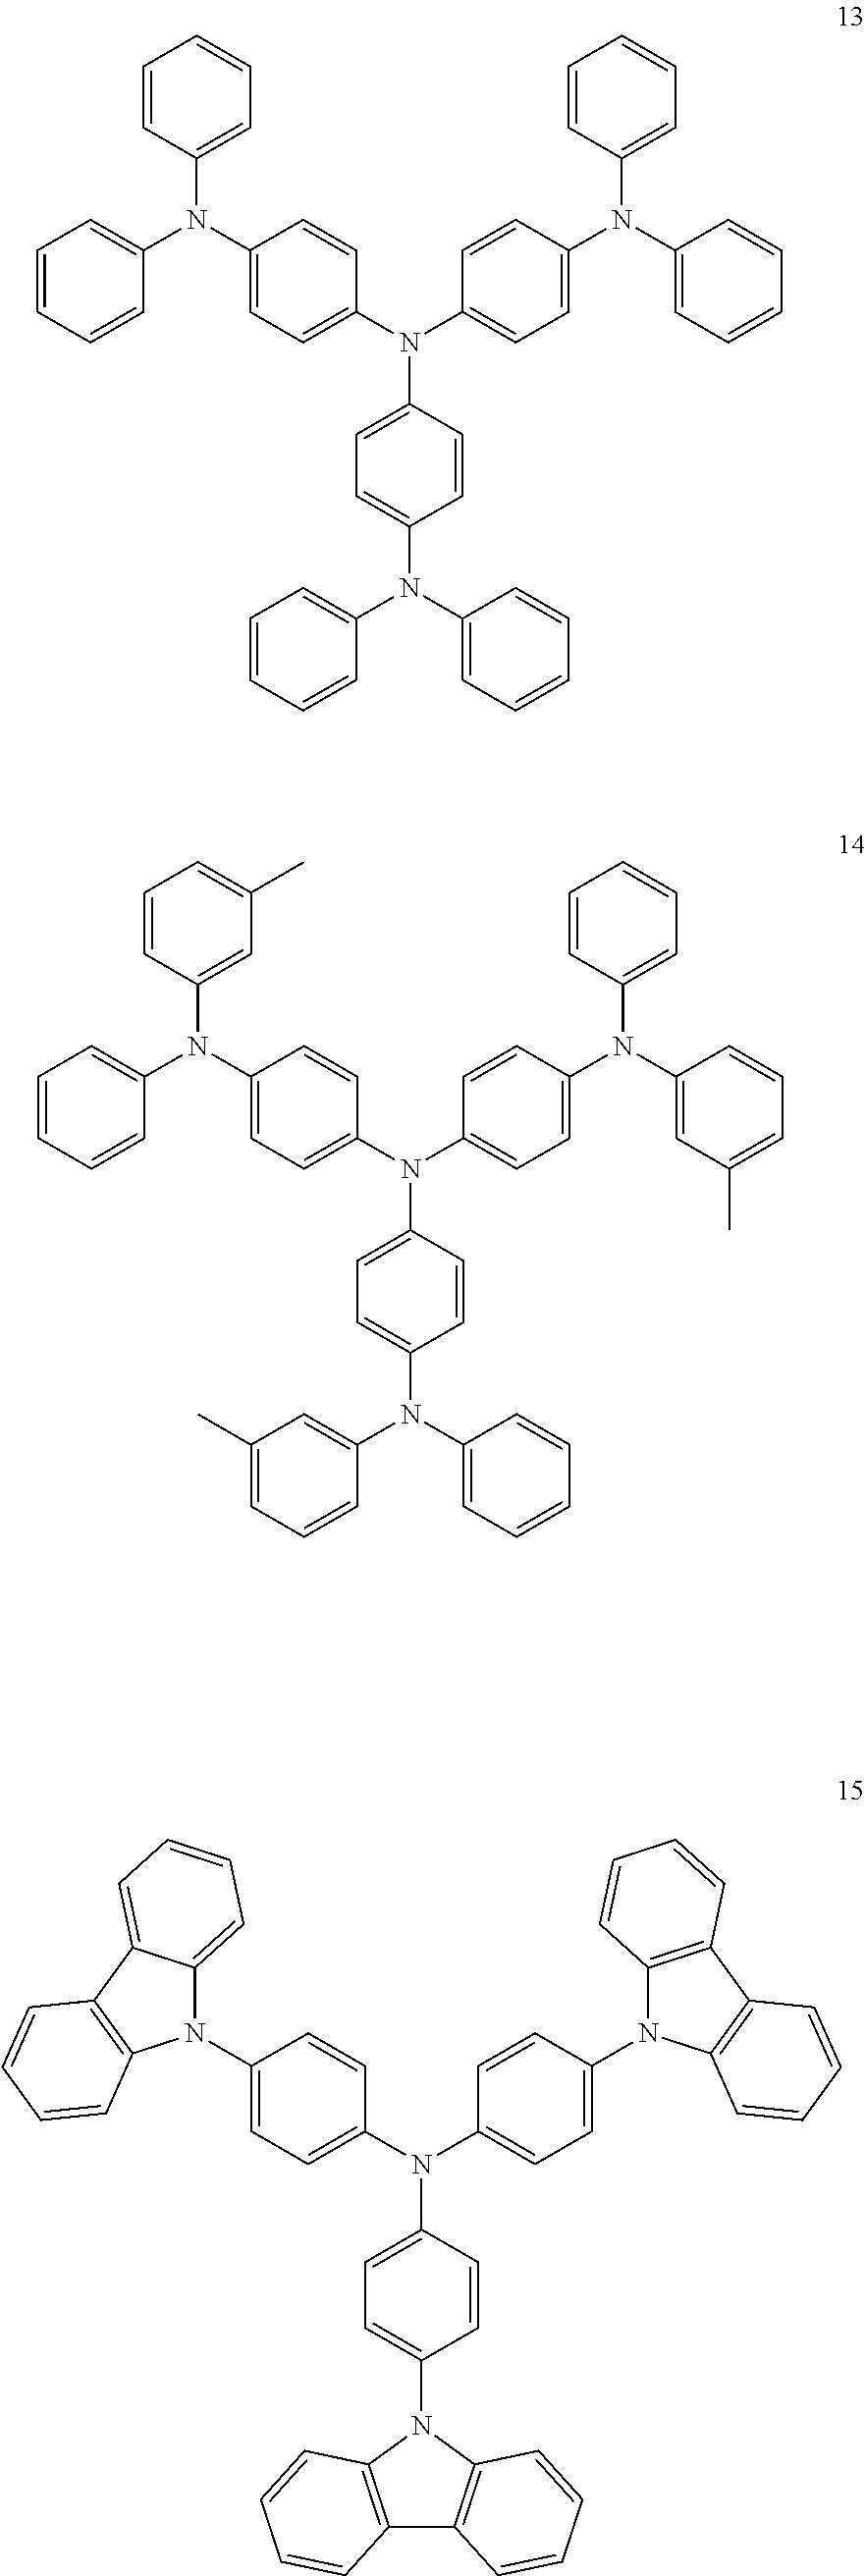 Figure US20130164875A1-20130627-C00006